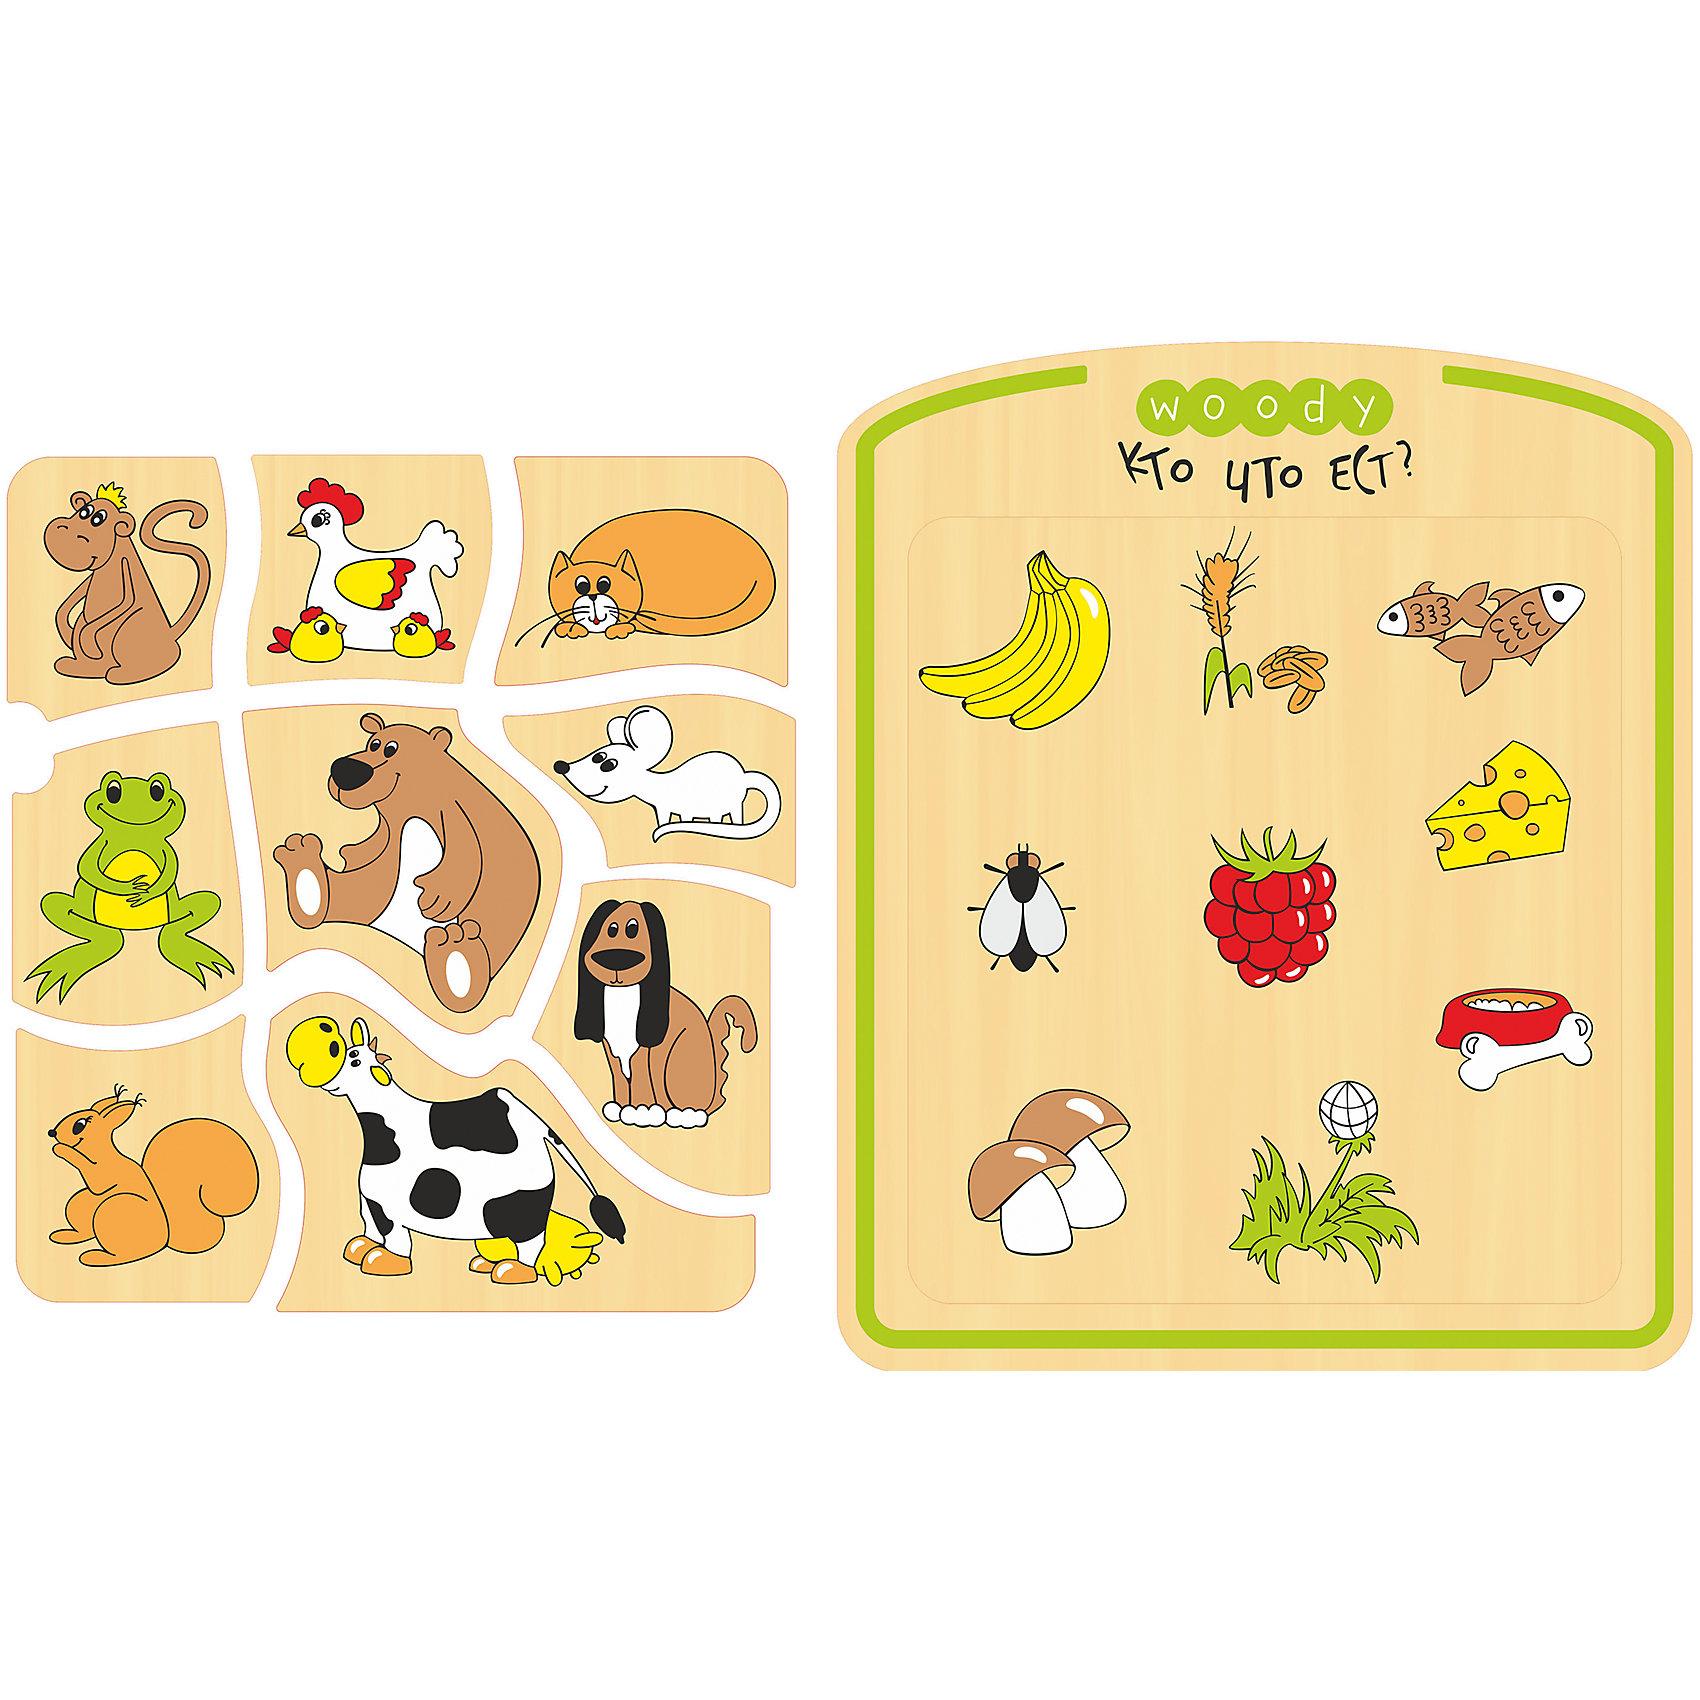 Рамка-вкладыш Кто что ест?Сделать процесс познавания мира для малышей - просто! Яркая обучающая рамка-вкладыш Кто что ест? поможет ребенку легко запомнить зверей и их пищу в процессе совмещения соответствующих элементов.<br>Эта рамка-вкладыш обязательно займет ребенка! Игра с ней помогает детям развивать мелкую моторику и познавать мир. Обучающая игрушка сделана из качественных и безопасных для ребенка материалов - натурального дерева.<br><br>Дополнительная информация:<br><br>цвет: разноцветный;<br>размер: 25,3 х 21 х 0,8 см;<br>вес: 215 г;<br>элементов: 10;<br>материал: дерево.<br><br>Рамку-вкладыш Кто что ест? можно купить в нашем магазине.<br><br>Ширина мм: 255<br>Глубина мм: 5<br>Высота мм: 210<br>Вес г: 215<br>Возраст от месяцев: 36<br>Возраст до месяцев: 2147483647<br>Пол: Унисекс<br>Возраст: Детский<br>SKU: 4916342